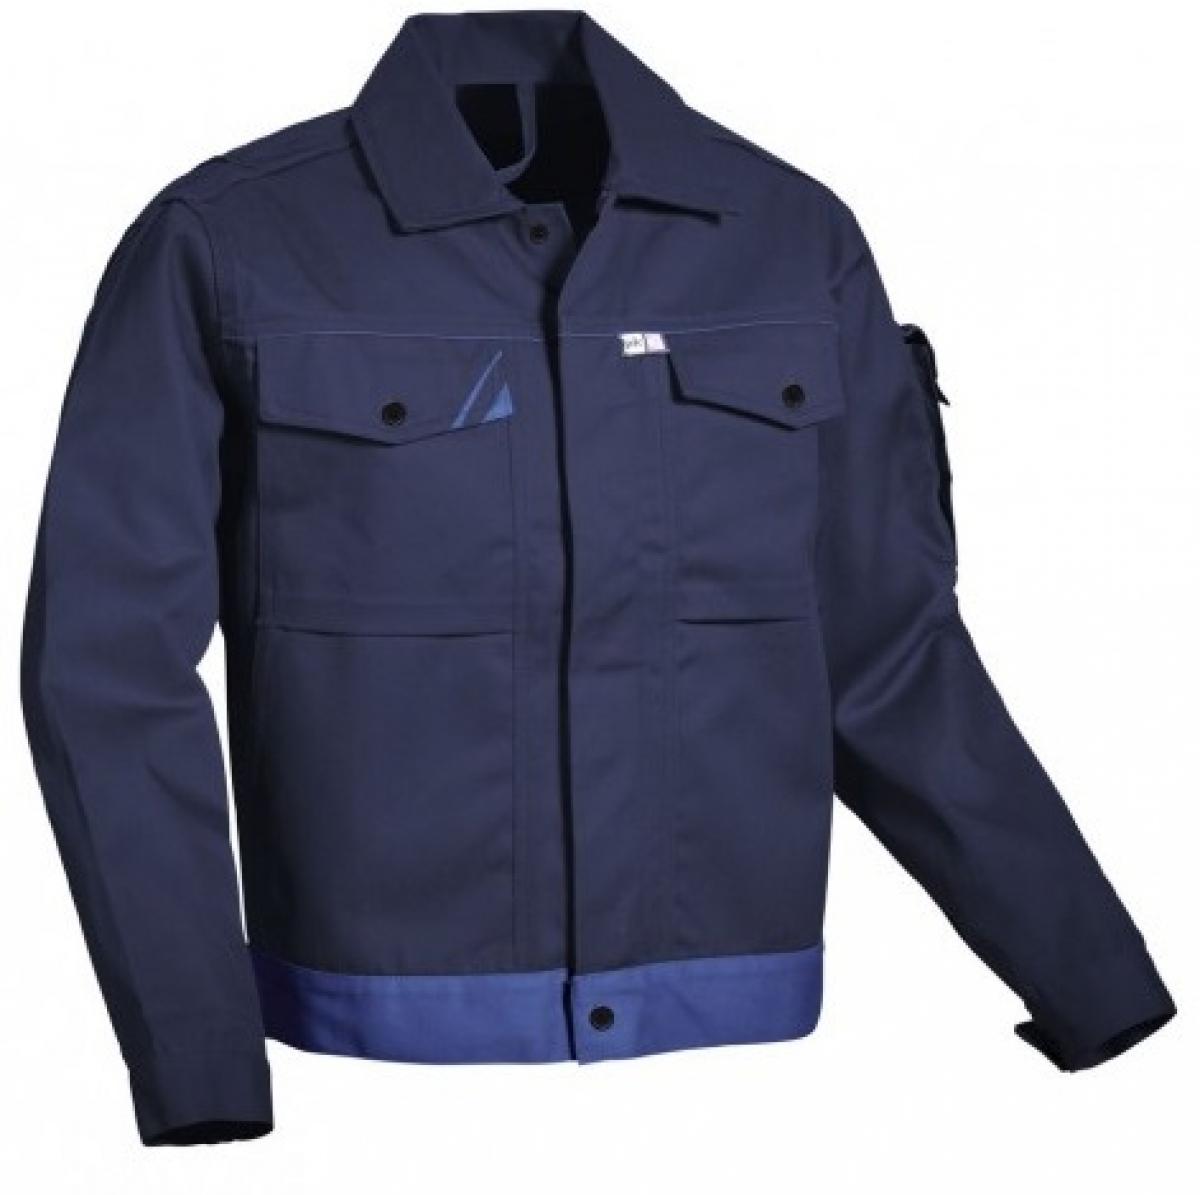 PKA-Arbeits-Berufs-Bund-Jacke, Blouson, Threeline Perfekt, MG320, hydronblau/kornblau